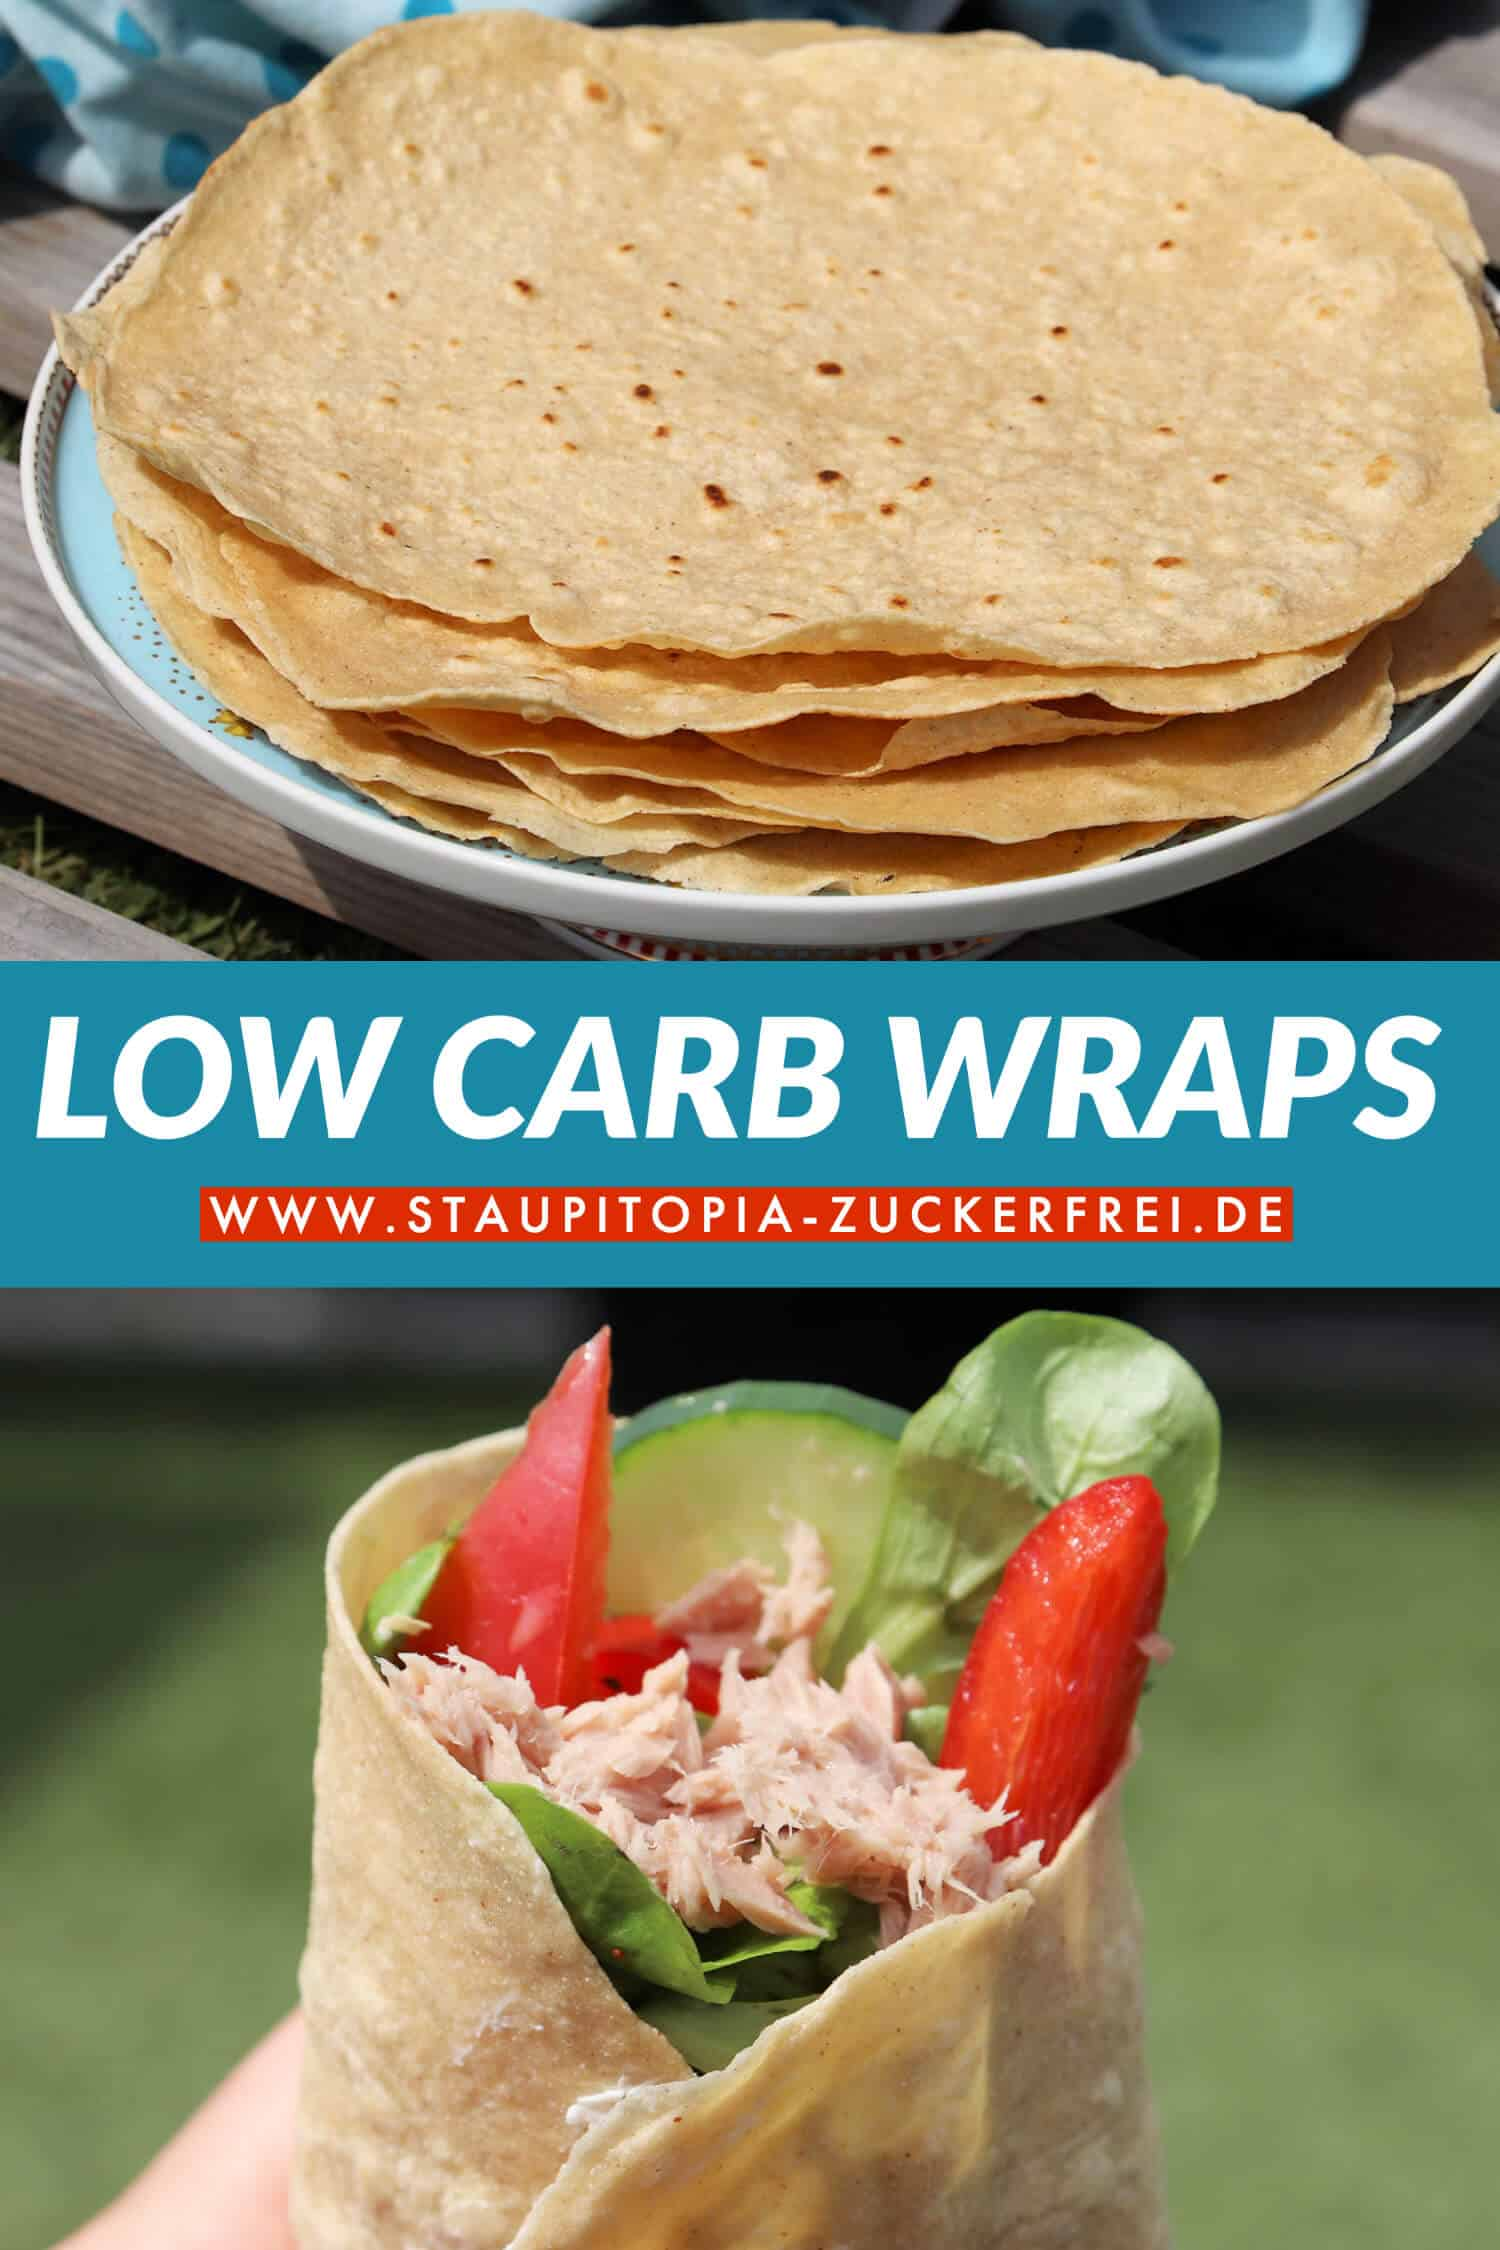 Das Rezept für diese Low Carb Wraps ist wirklich fantastisch, denn diese selbstgemachten Low Carb Wraps machen ihren kohlenhydrat-reichen Pendant ernst zunehmende Konkurrenz.